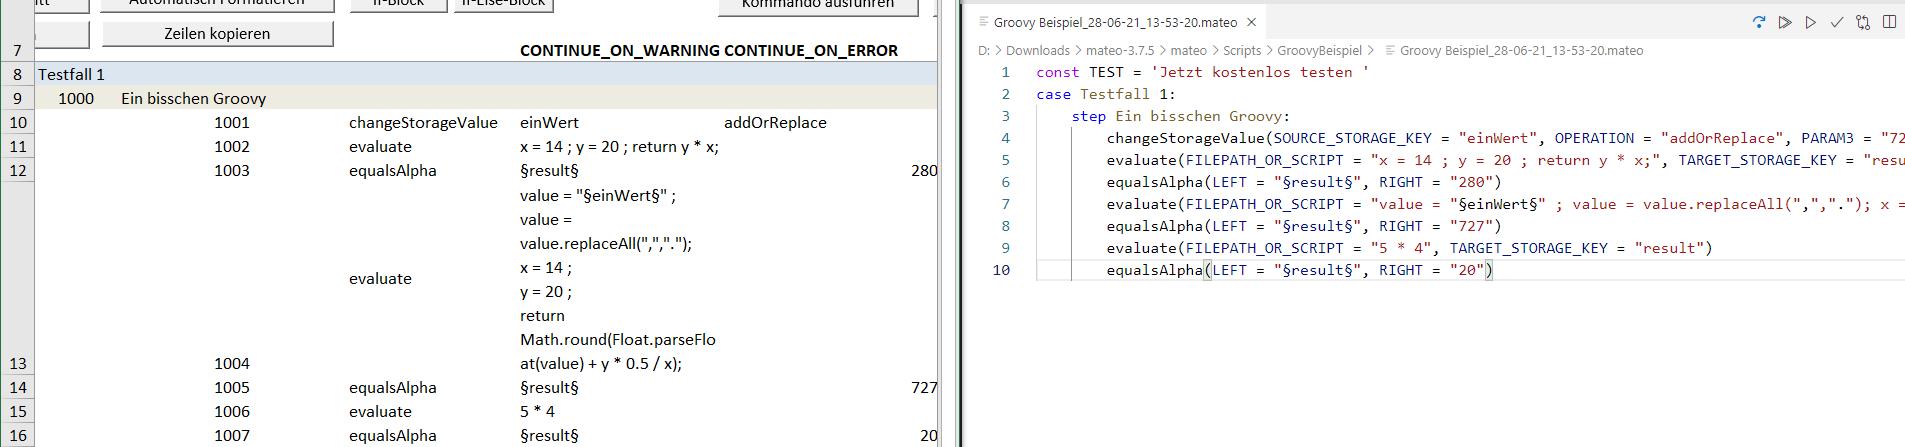 Beispiel eines Scripts im XLSM-Format (links), das mithilfe von mateo automatisch in das mateoScript-Format (rechts) migriert wurde.